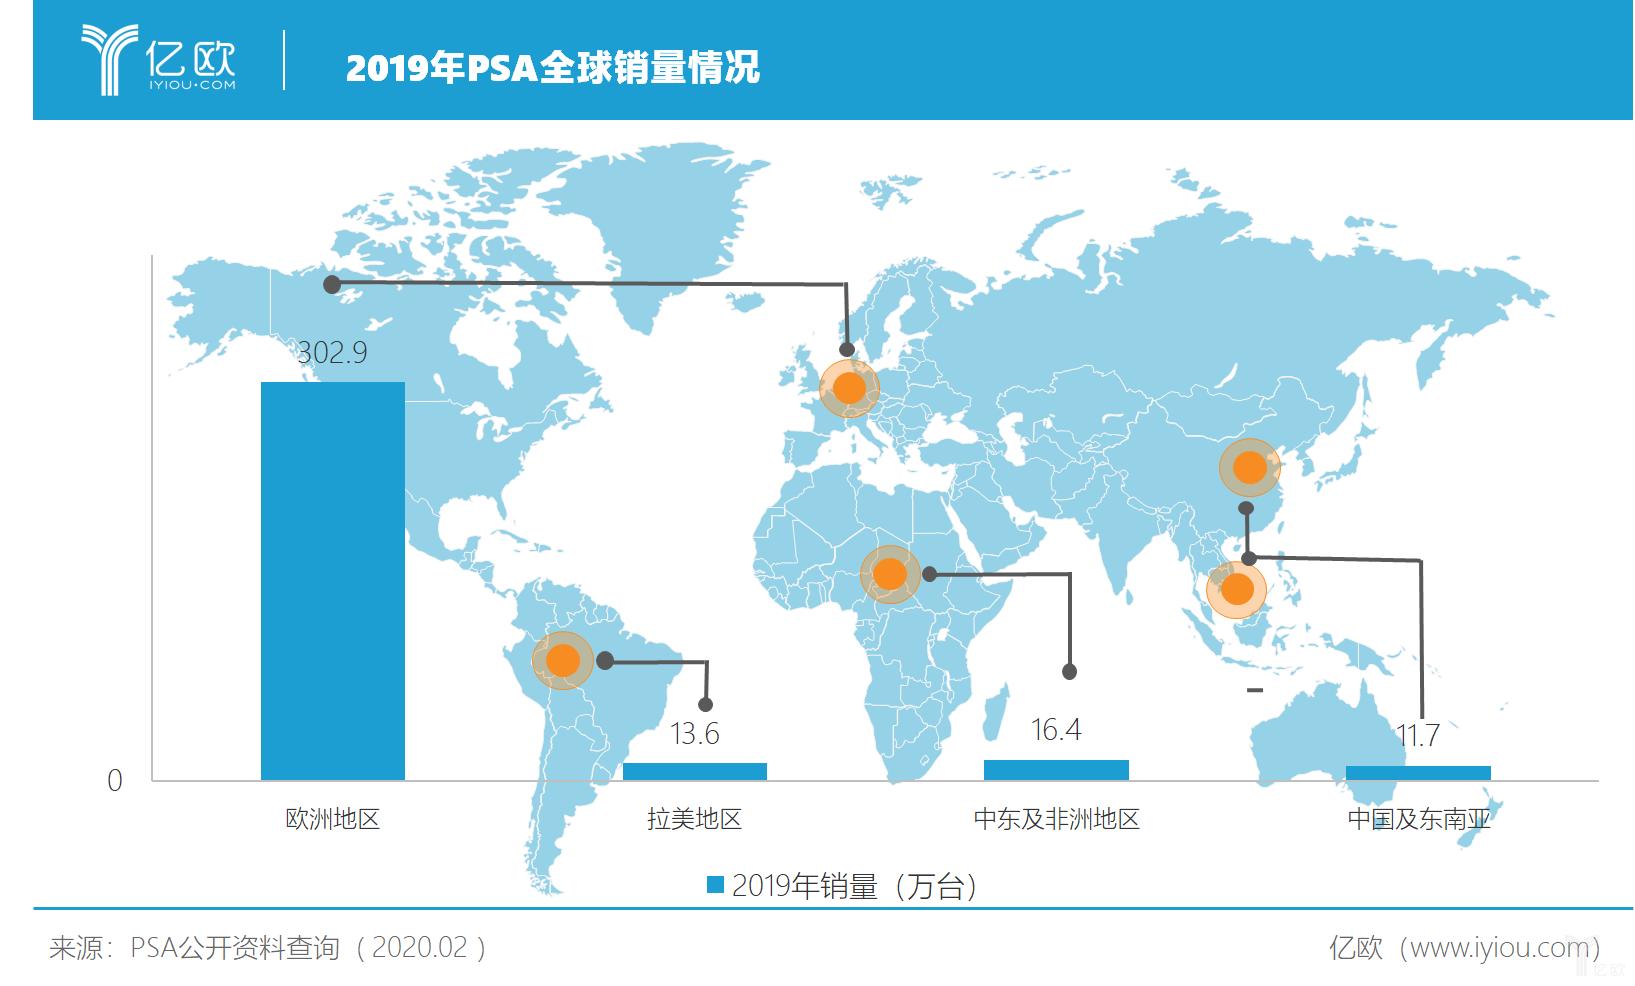 2019年PSA全球销量情况